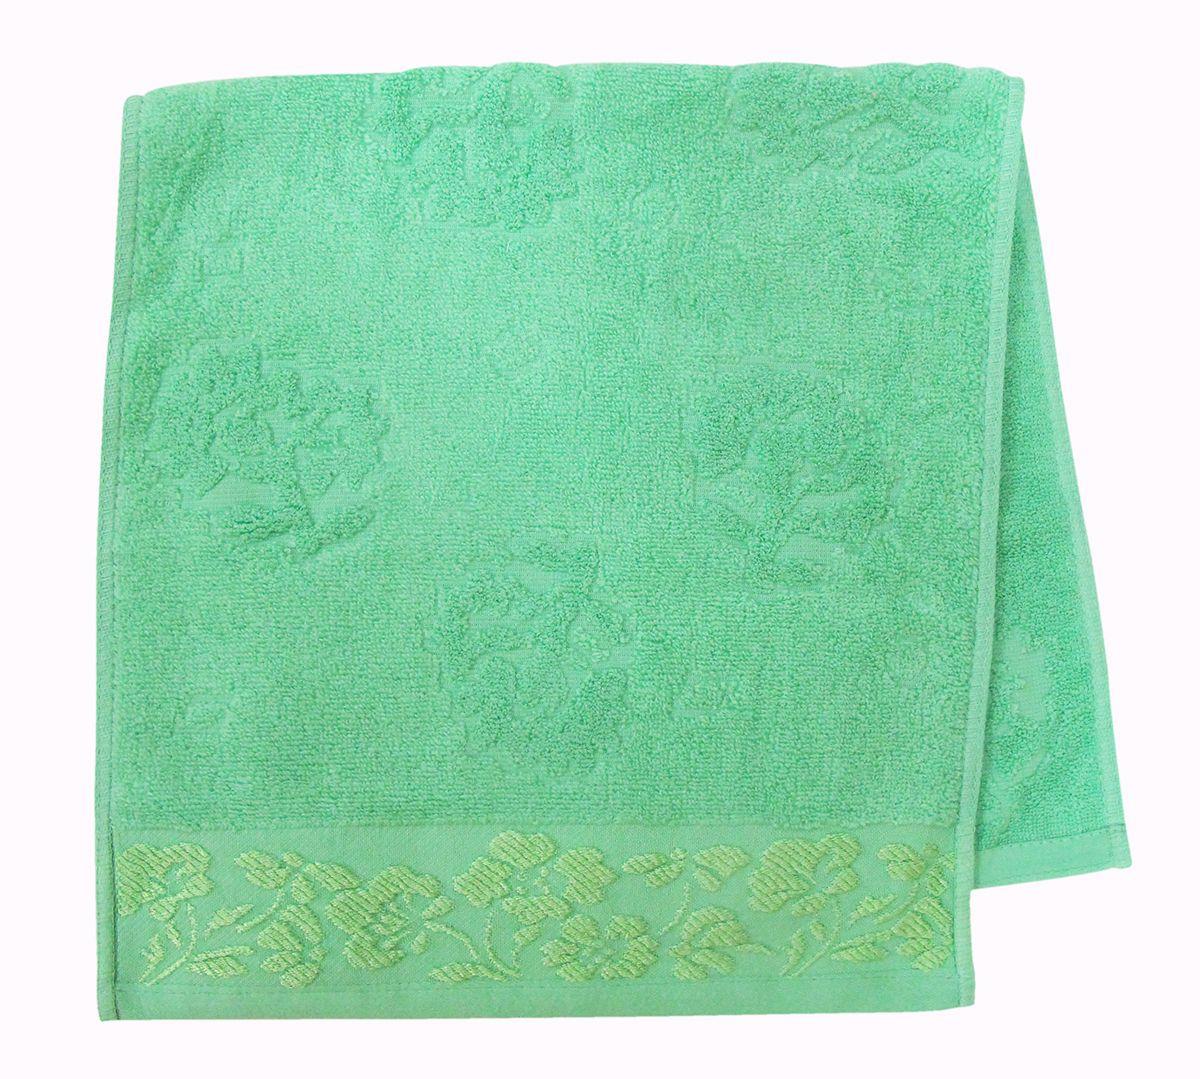 Полотенце махровое НВ Ромашка, цвет: зеленый, 33 х 70 см. м0177_0340709Полотенце НВ Ромашка выполнено из натуральной махровой ткани (100% хлопок). Изделие отлично впитывает влагу, быстро сохнет, сохраняет яркость цвета и не теряет форму даже после многократных стирок. Полотенце очень практично и неприхотливо в уходе. Оно станет достойным выбором для вас и приятным подарком вашим близким.